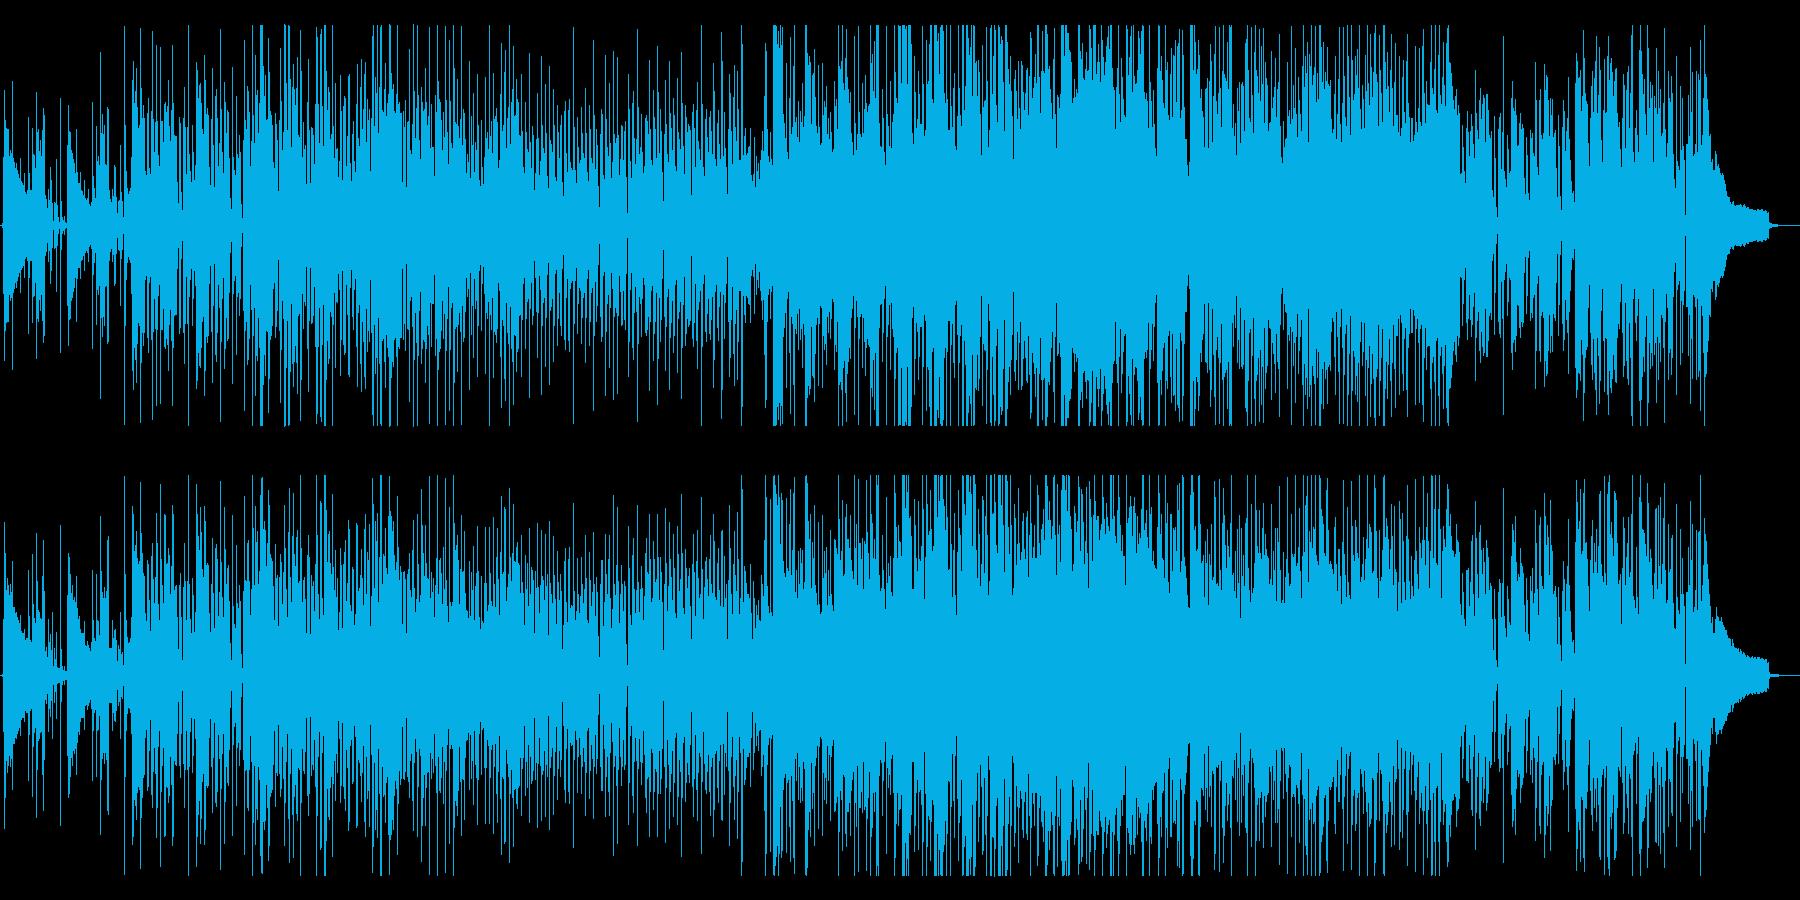 【アニメ劇伴】寒い冬を賑やかにする日常曲の再生済みの波形